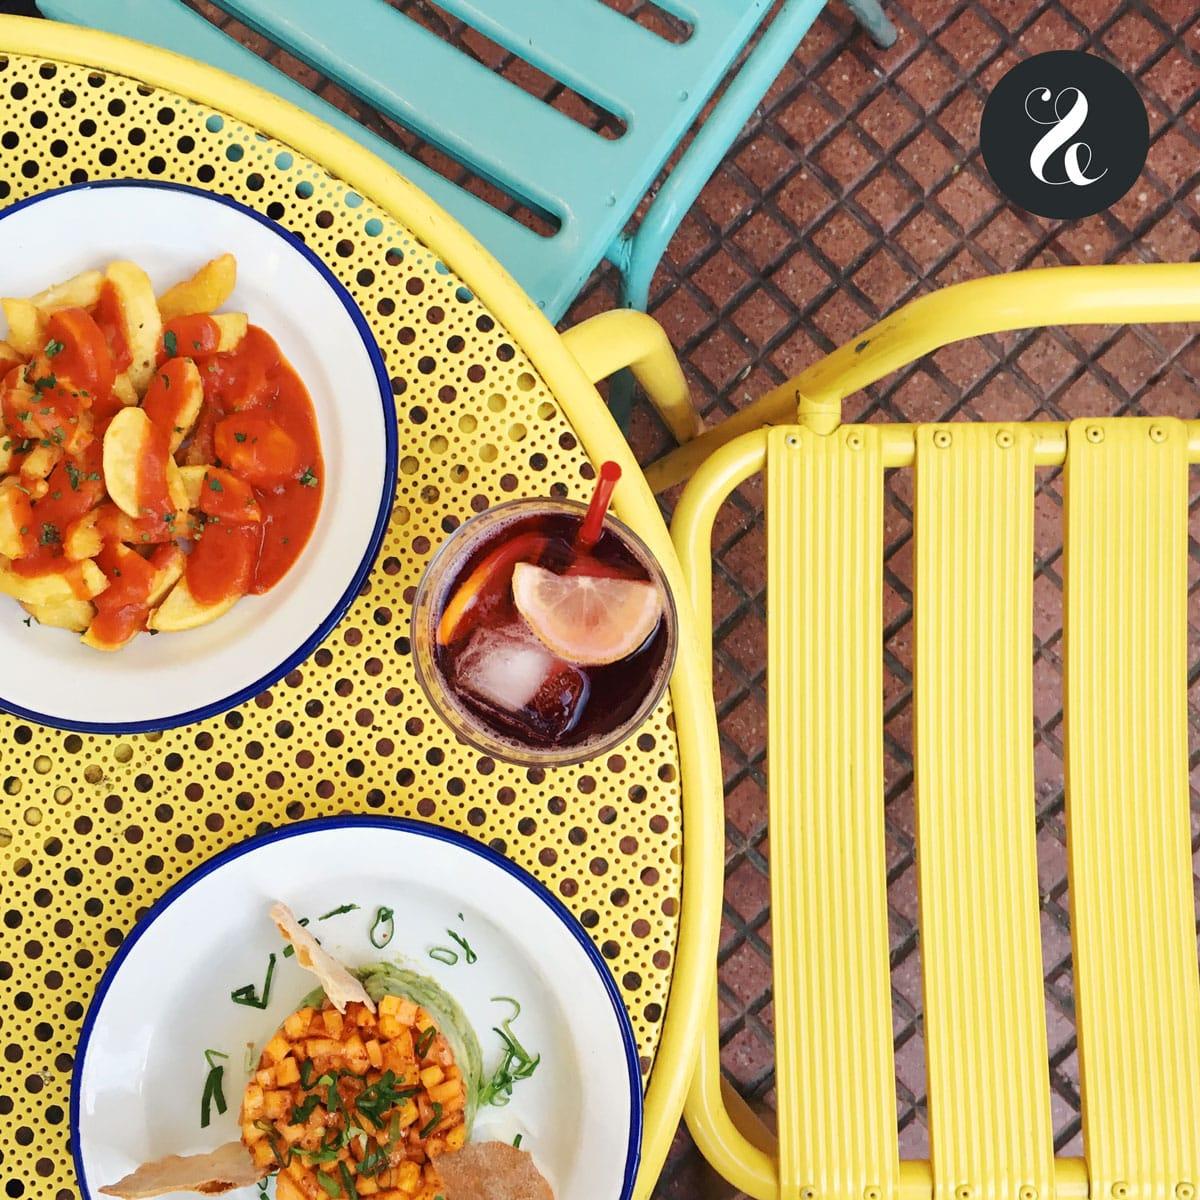 mejores restaurantes sanos Madrid - Mamá Campo